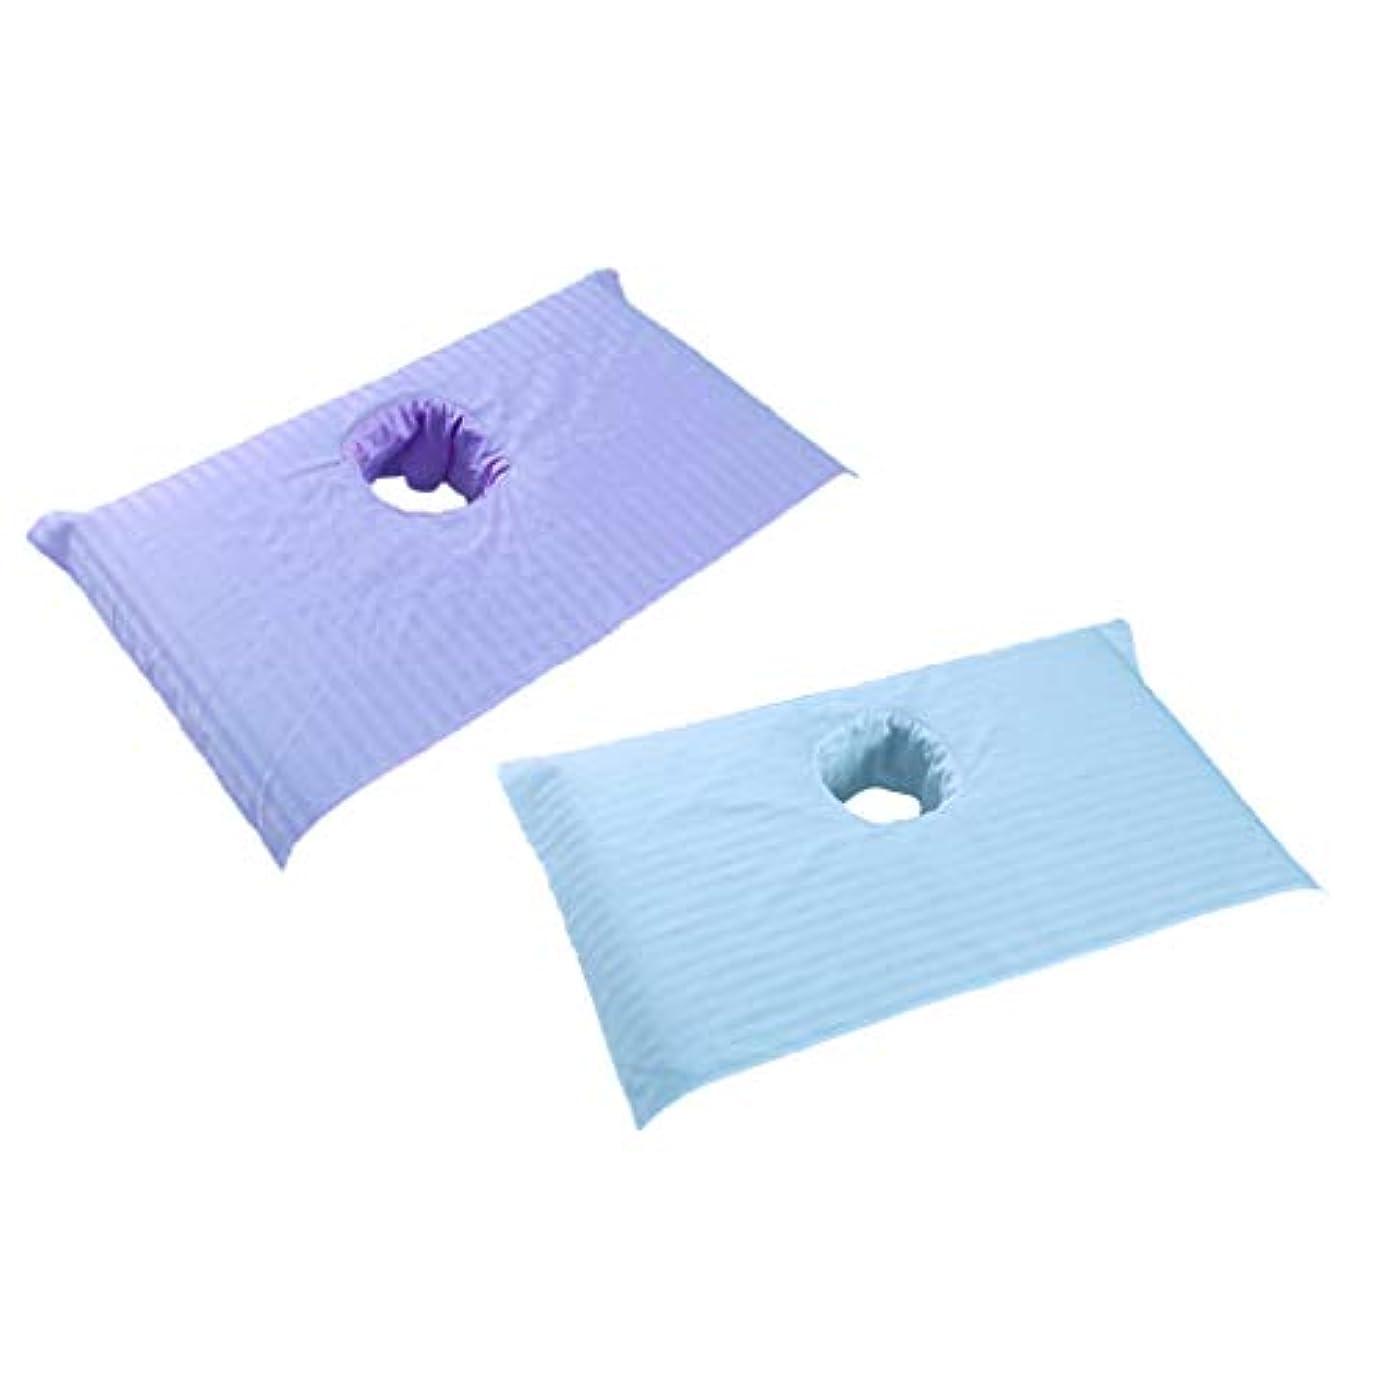 FutuHome 2枚の柔らかい綿の美のマッサージの鉱泉の処置のベッドの表紙シート75 X 55cmのパック